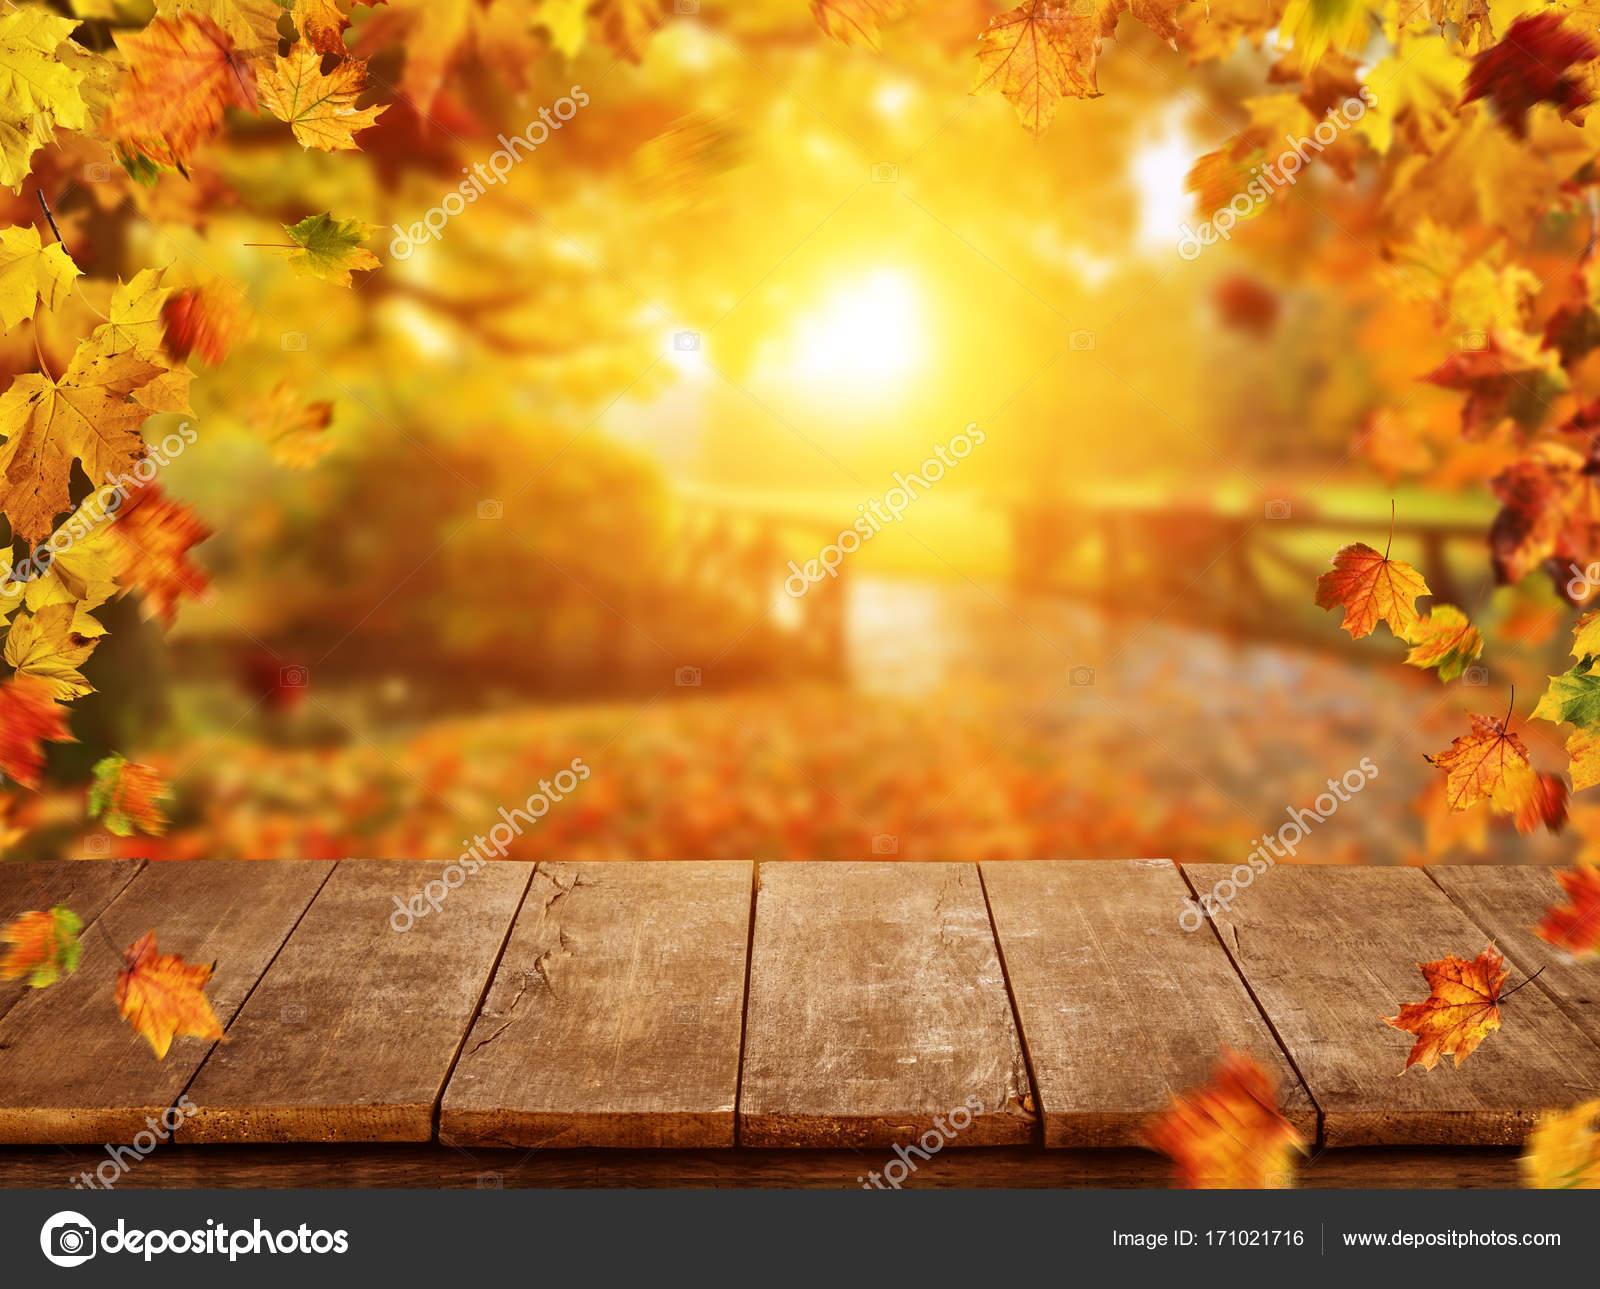 Im genes hojas cayendo fondo de oto o con hojas cayendo - Descargar autumn leaves ...